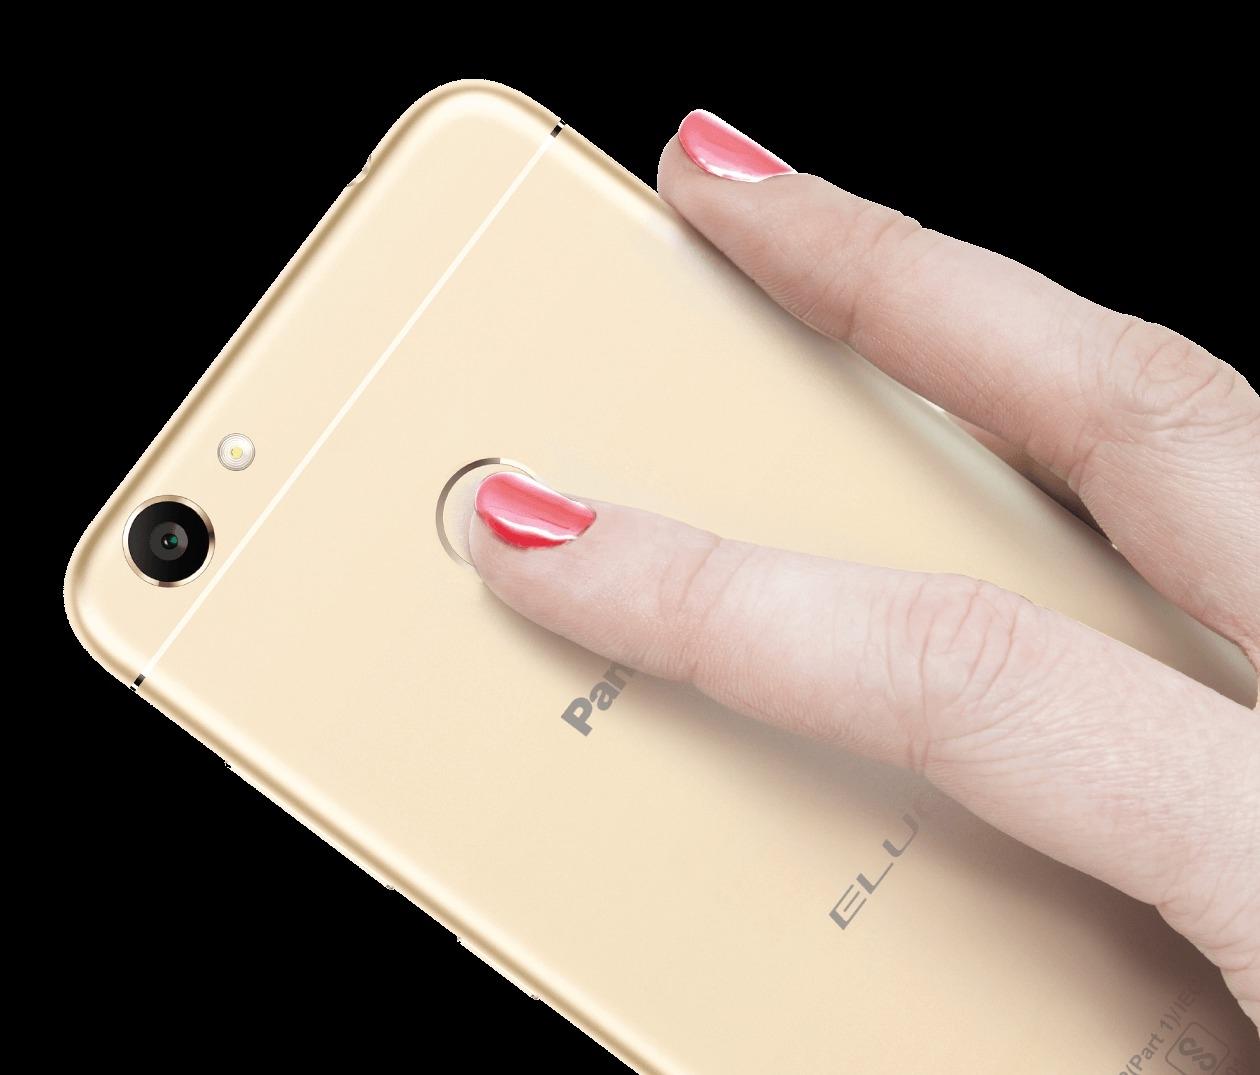 panasonic eluga i5 rear fingerprint scanner